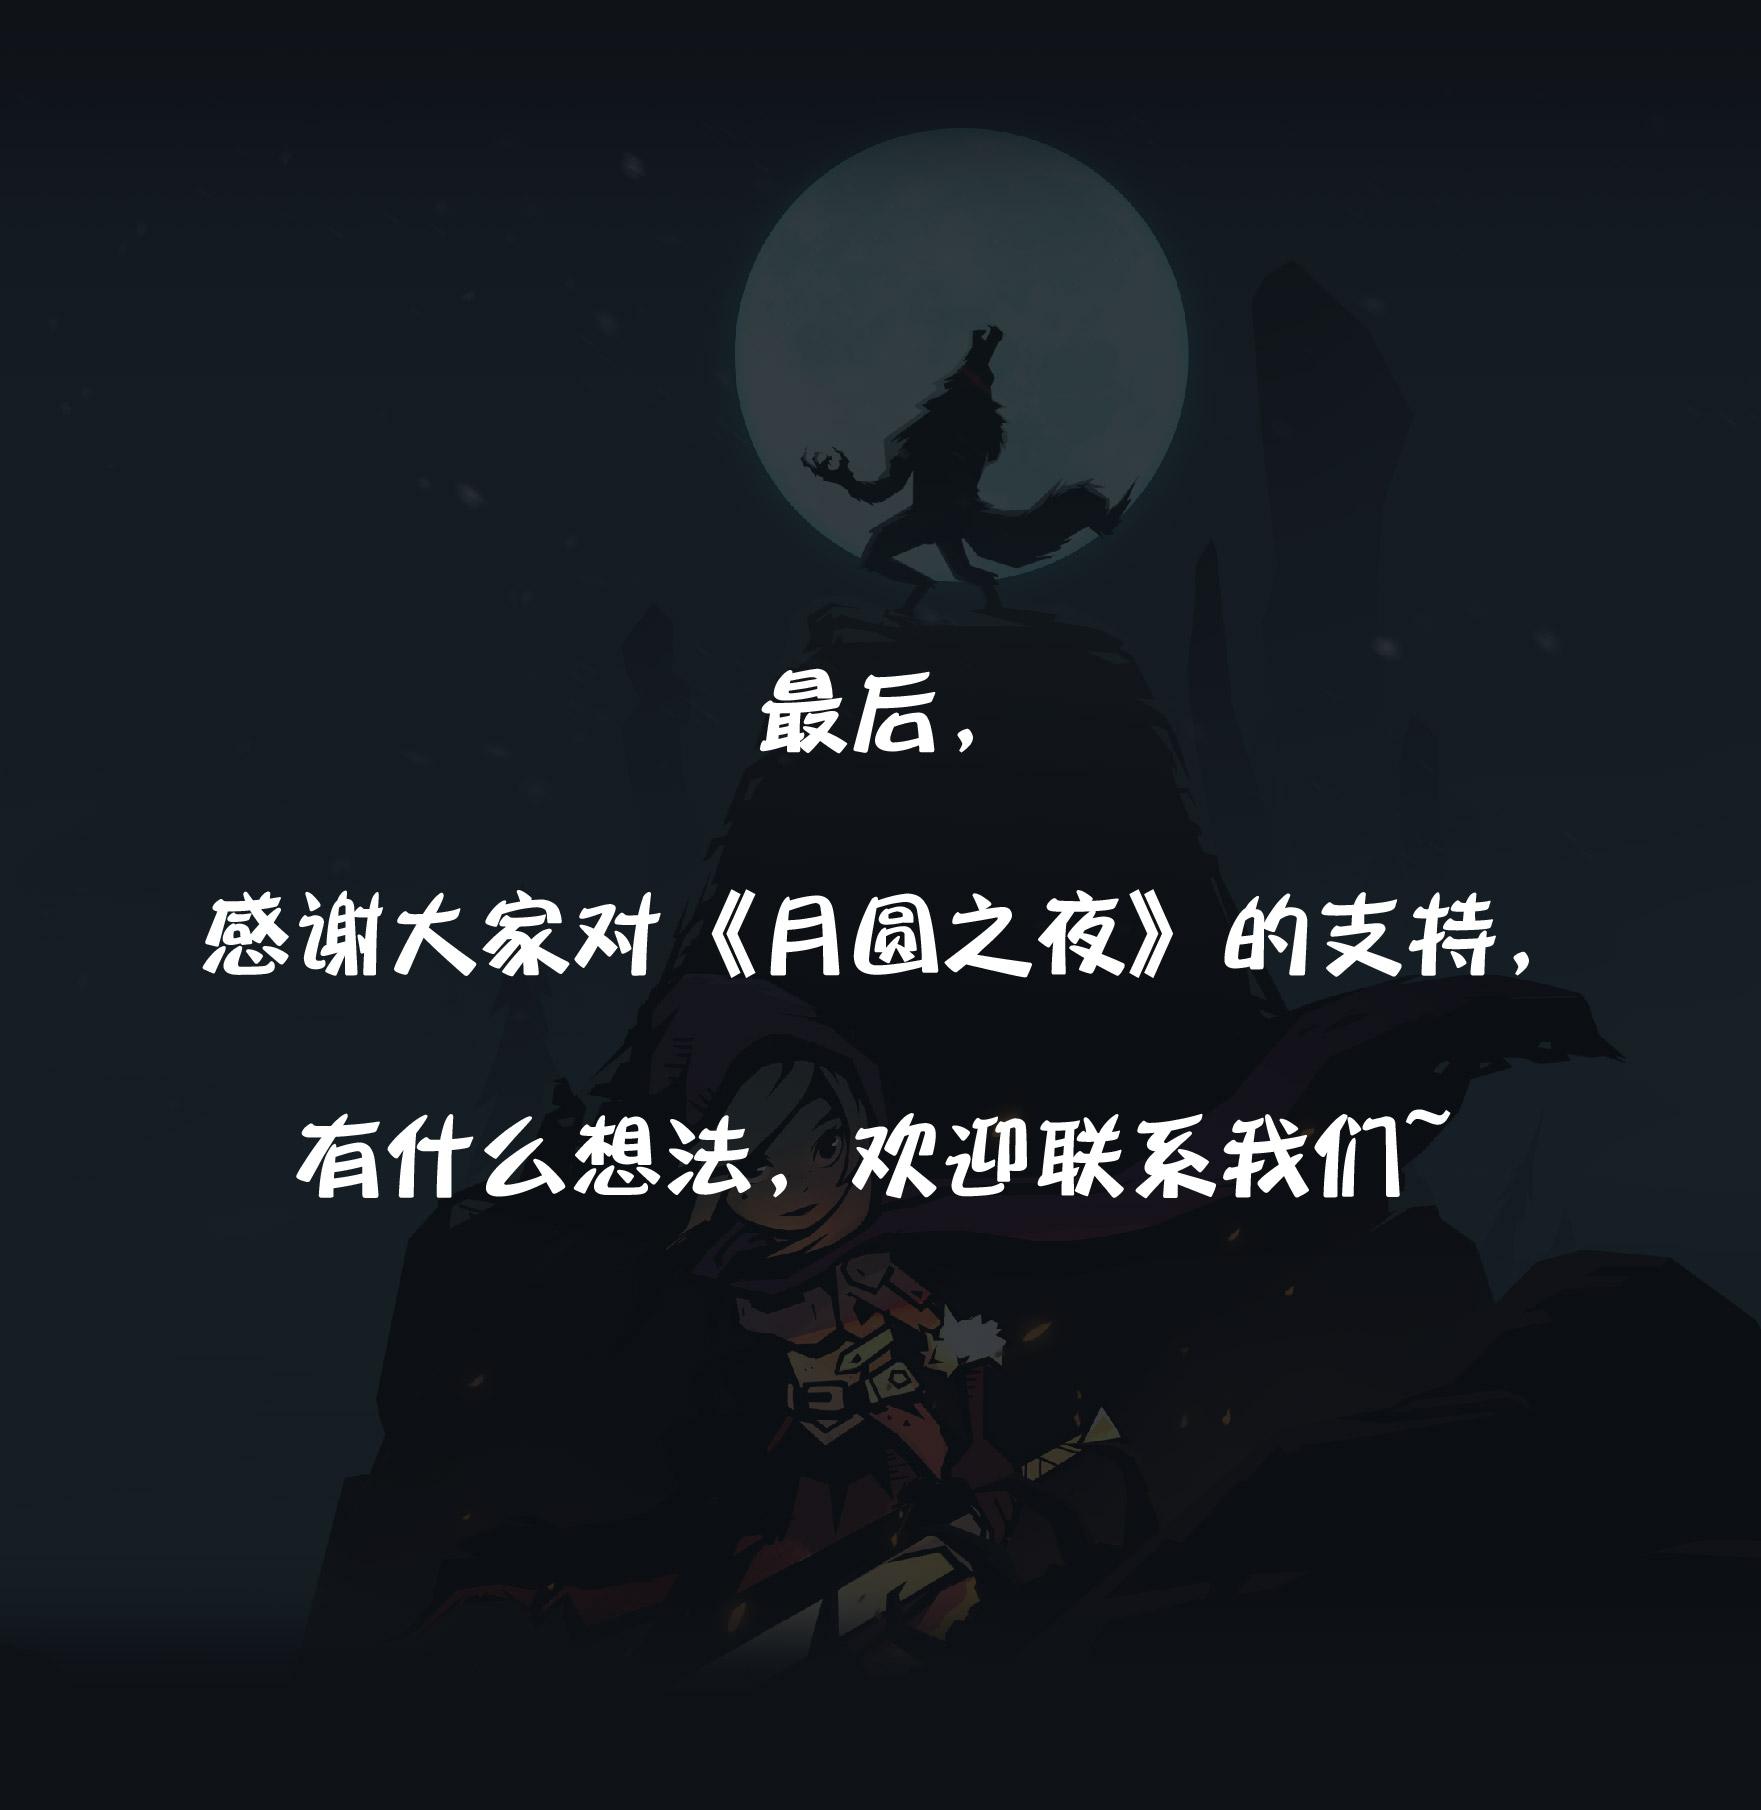 月圆之夜摩点排版-46.jpg